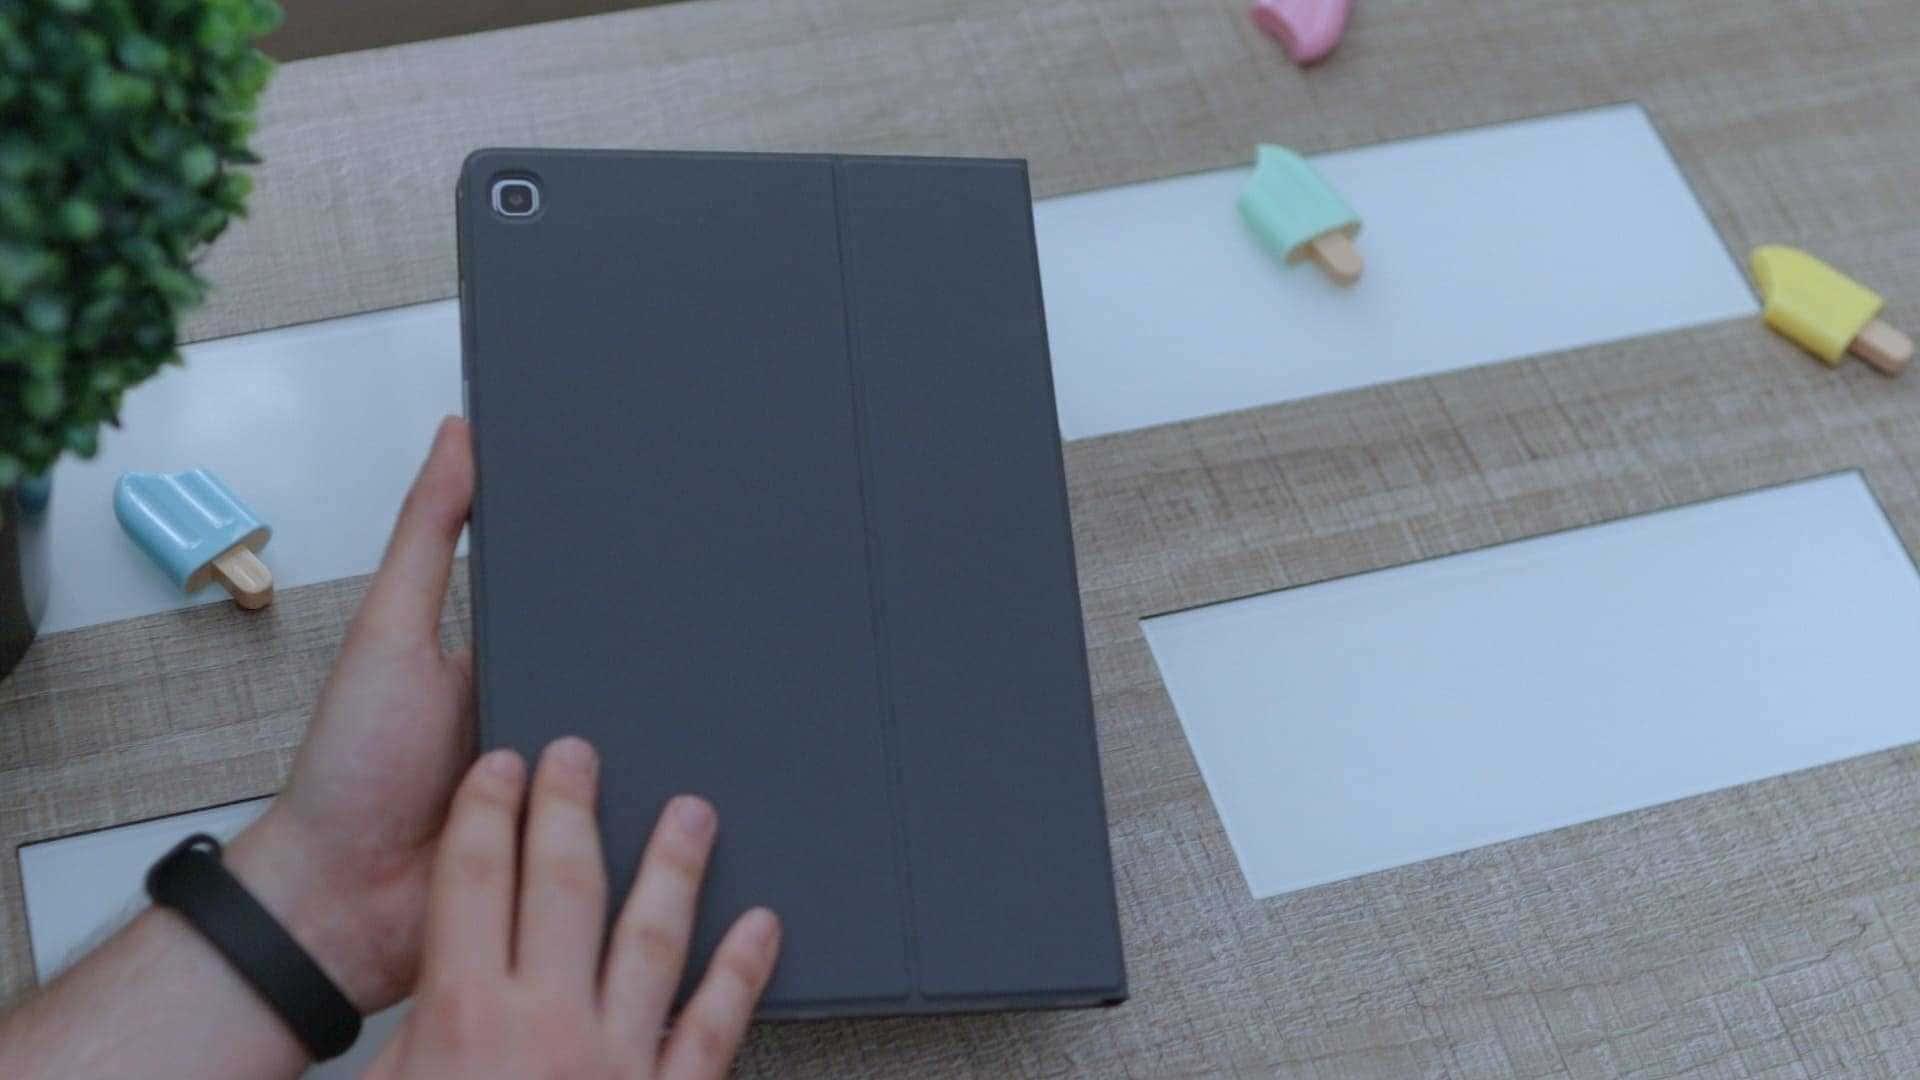 Diseño-funda-teclado-Galaxy-Tab-S5e-review